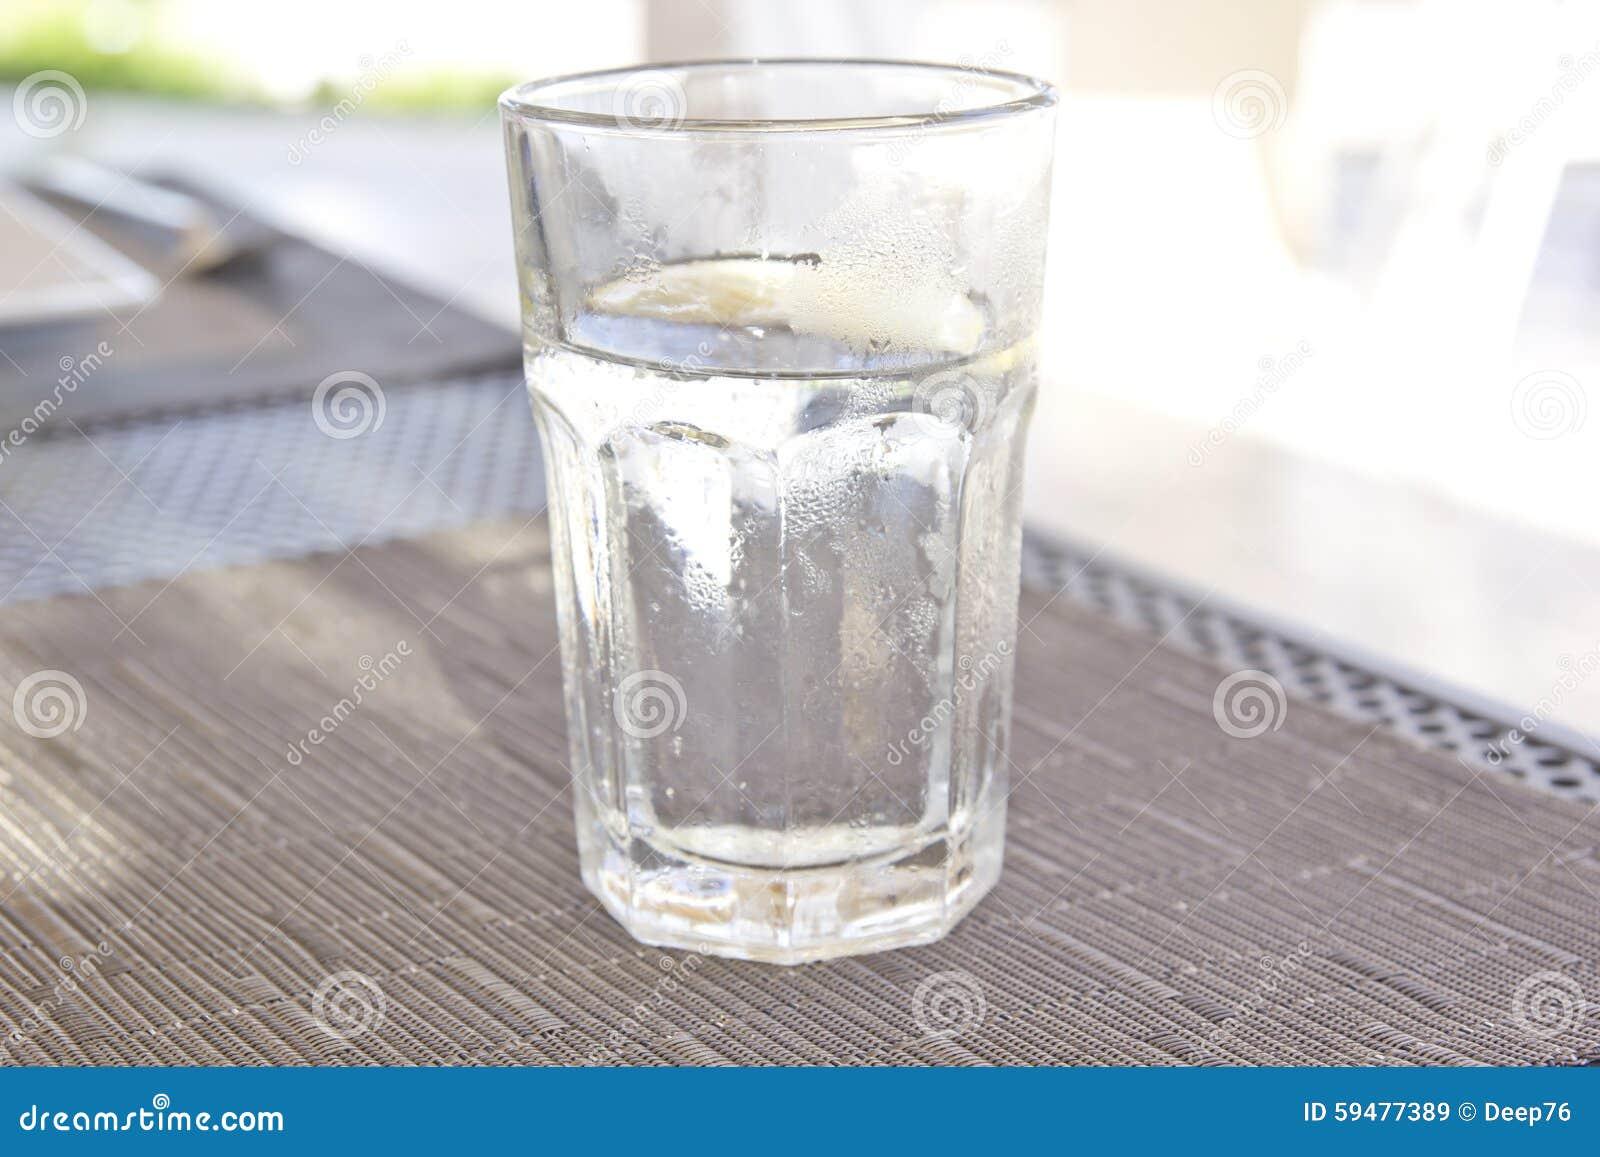 苏打水冲洗_新鲜和可口苏打水.